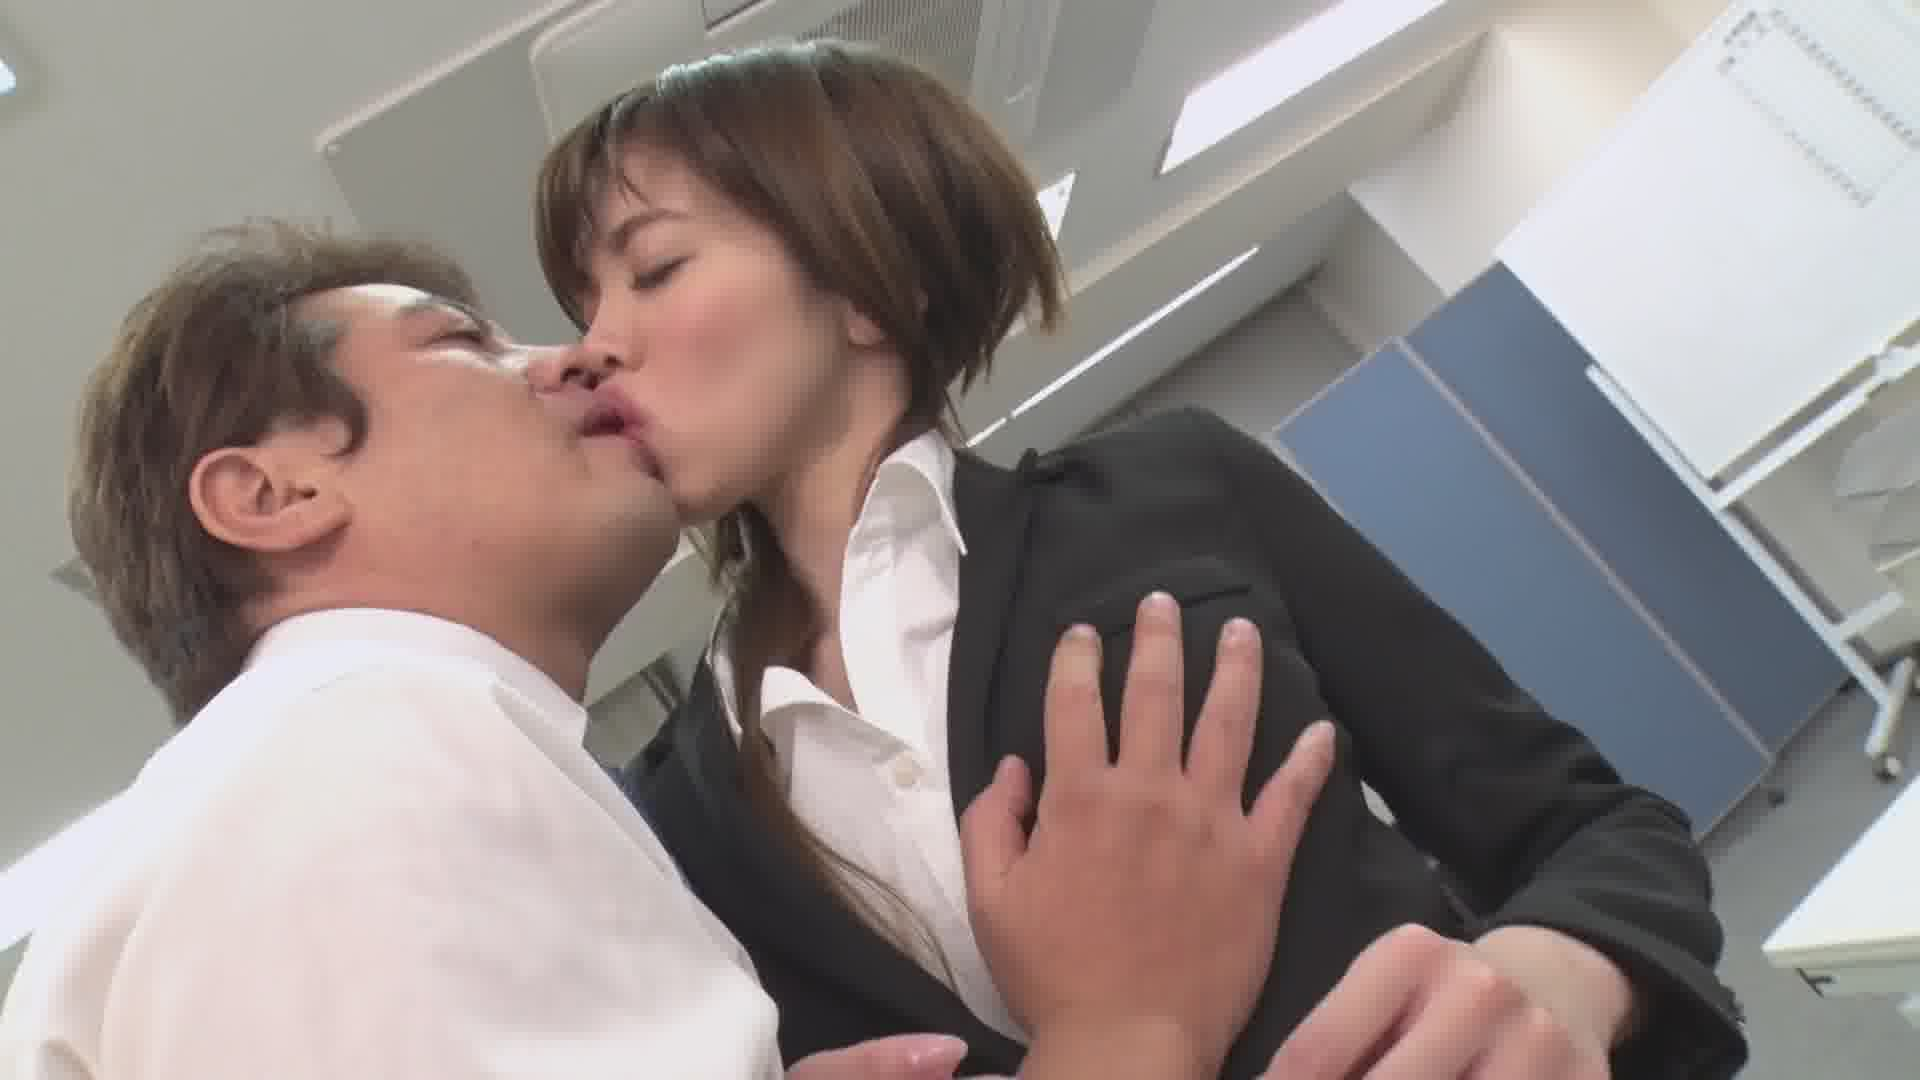 新入社員のお仕事 Vol.22 - 天音りん【オナニー・スレンダー・長身】